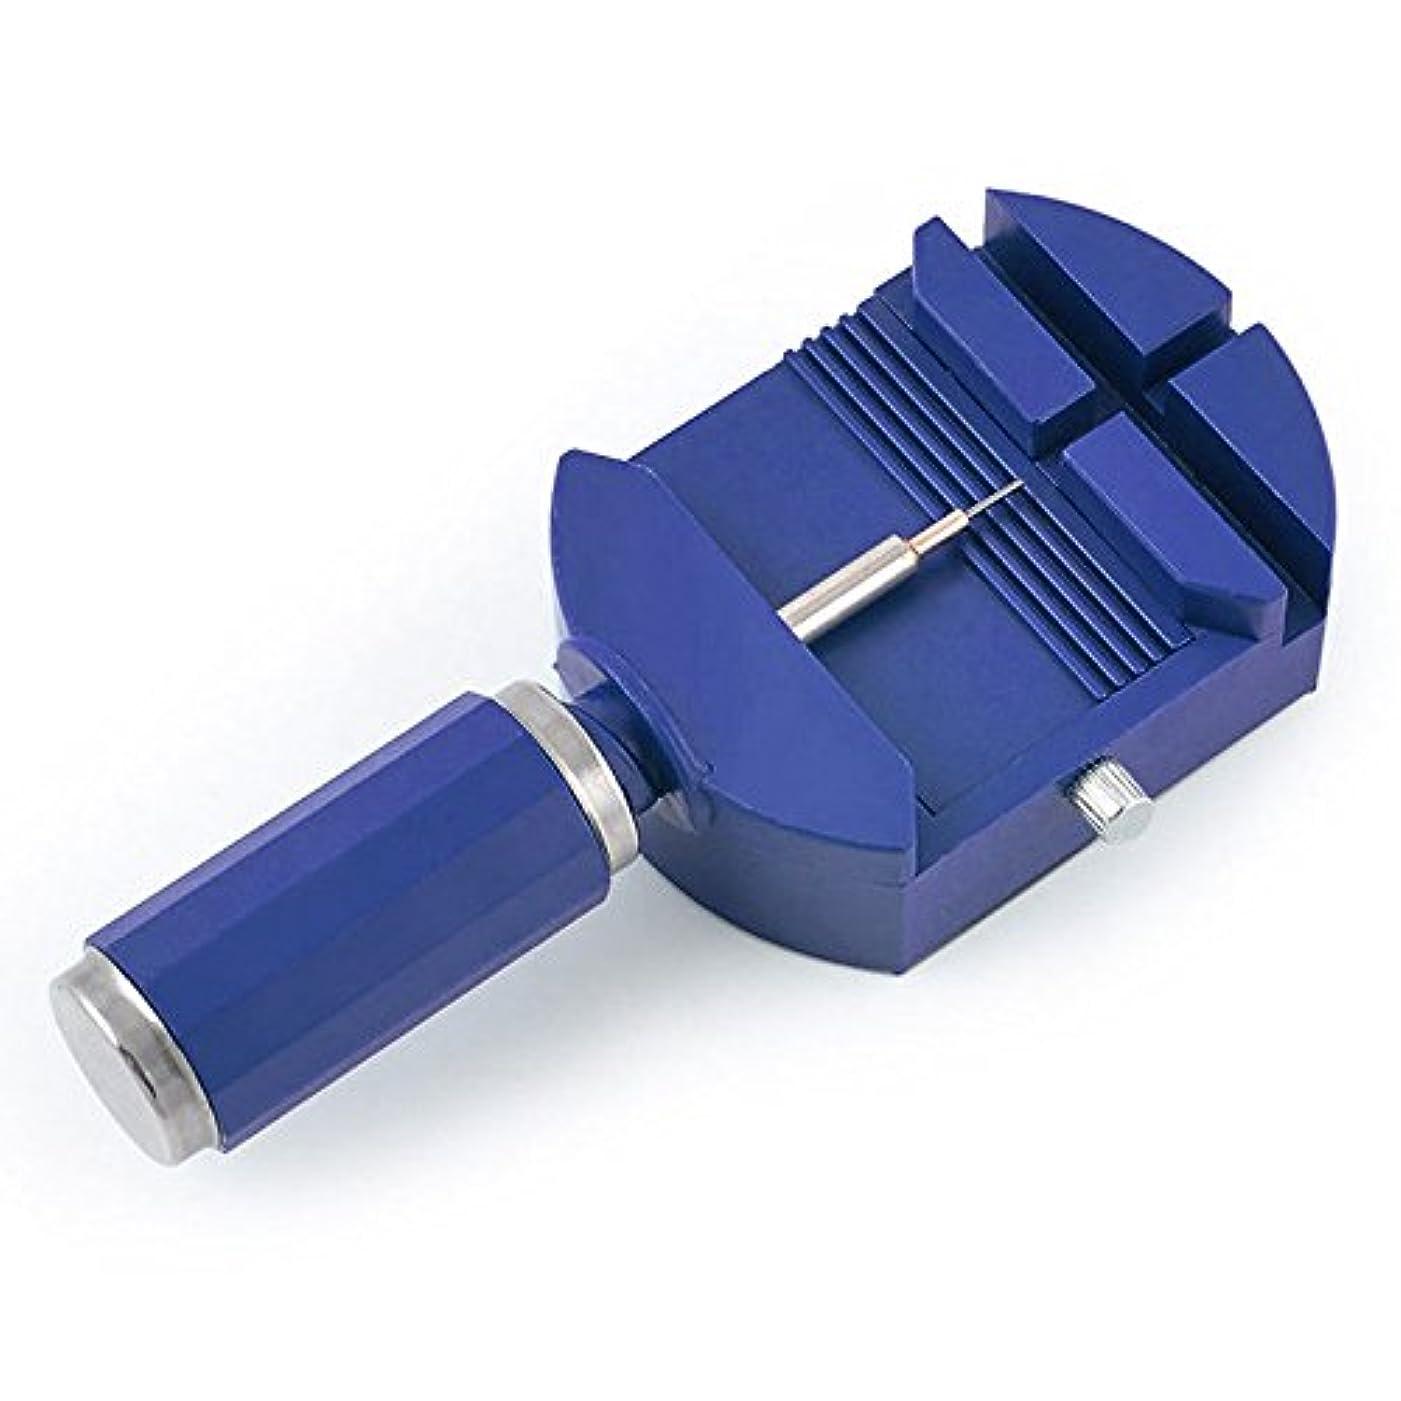 練習アンティークペデスタルLiebeye 腕時計修理ツール ベルト調節 ピンアジャスター ストラップ ブレスレット 修復ツール ブルー